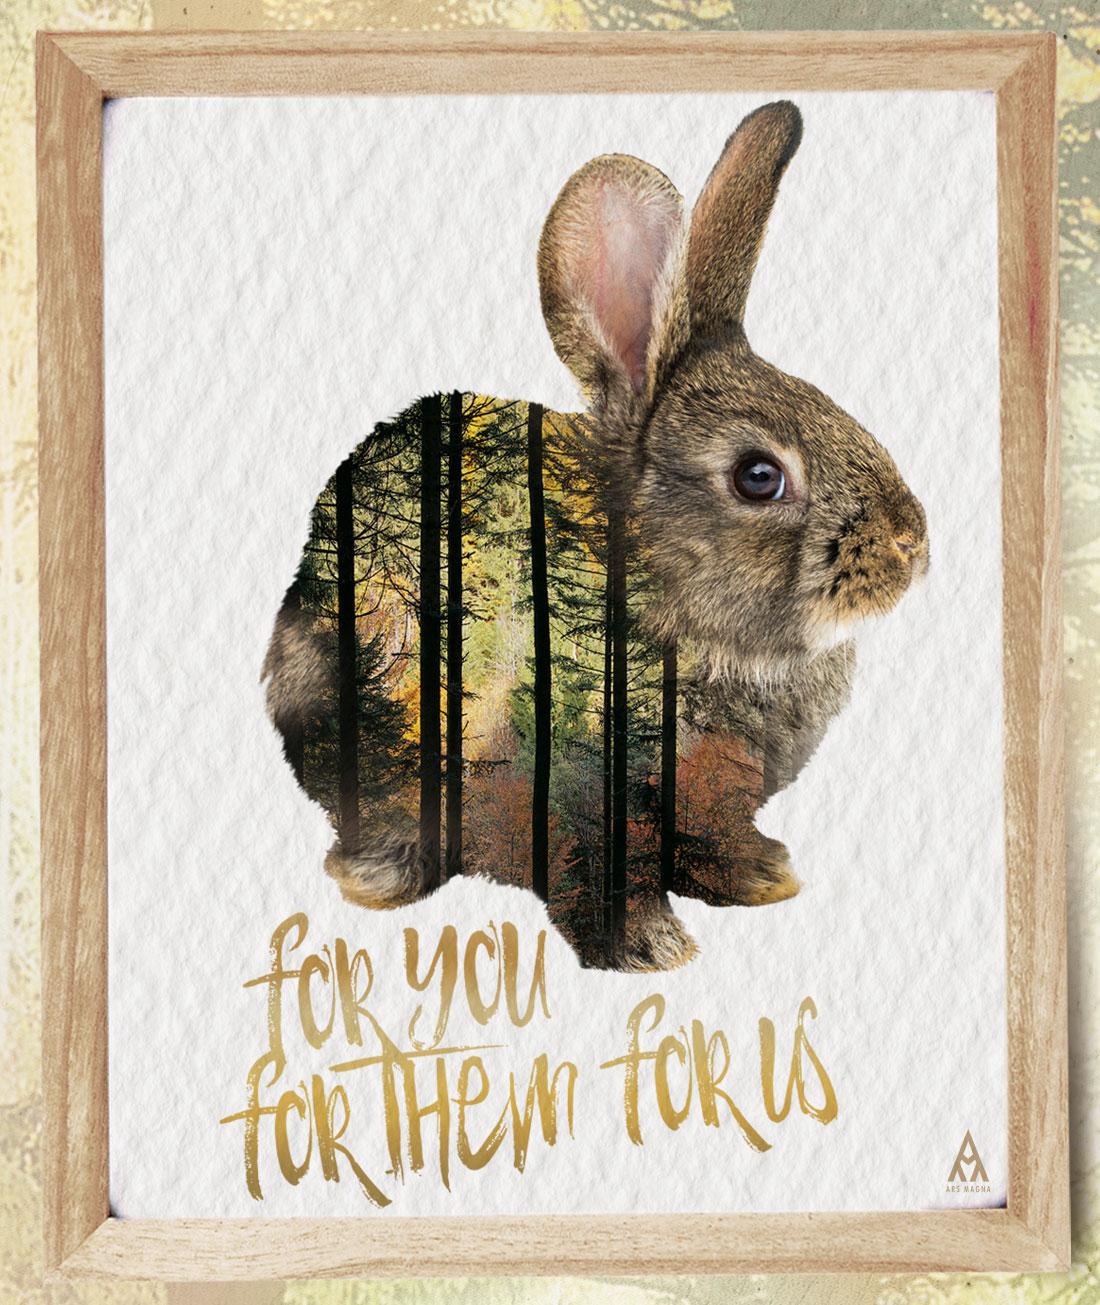 Ars Magna Design- For you for them for us- Kunstdruck Motiv Save the Littles